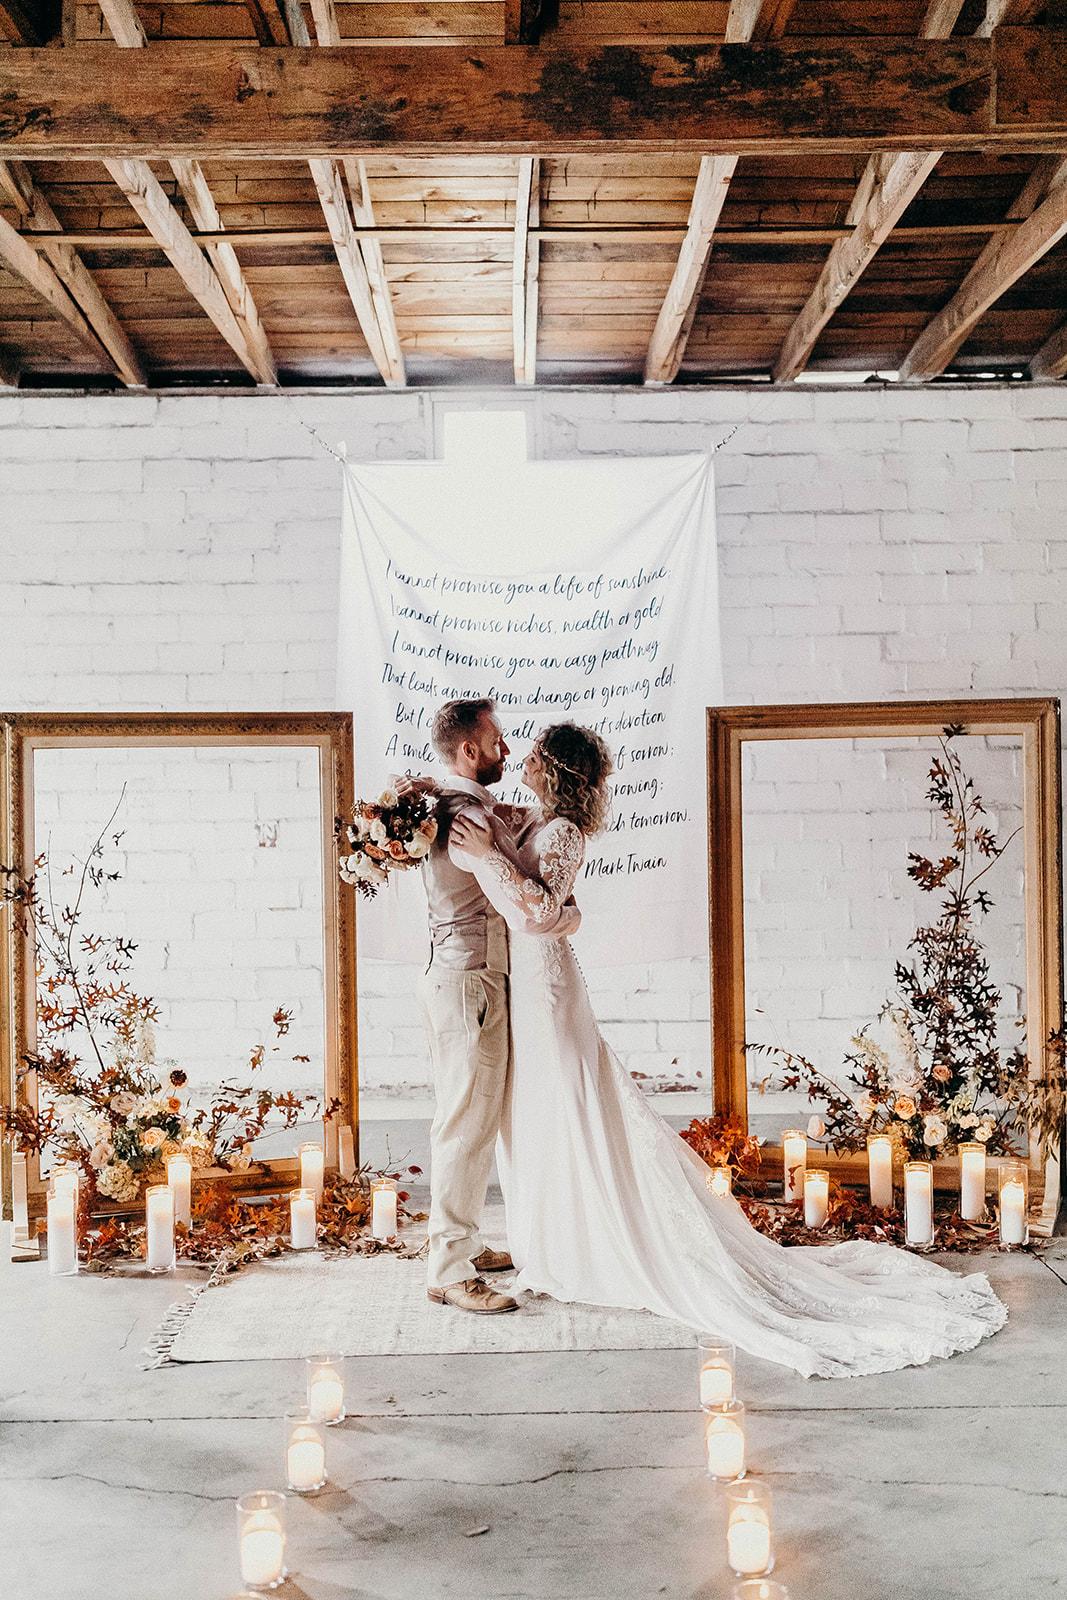 Creative Wedding Ceremony Backdrop Ideas - originally published on ivoryandink.com